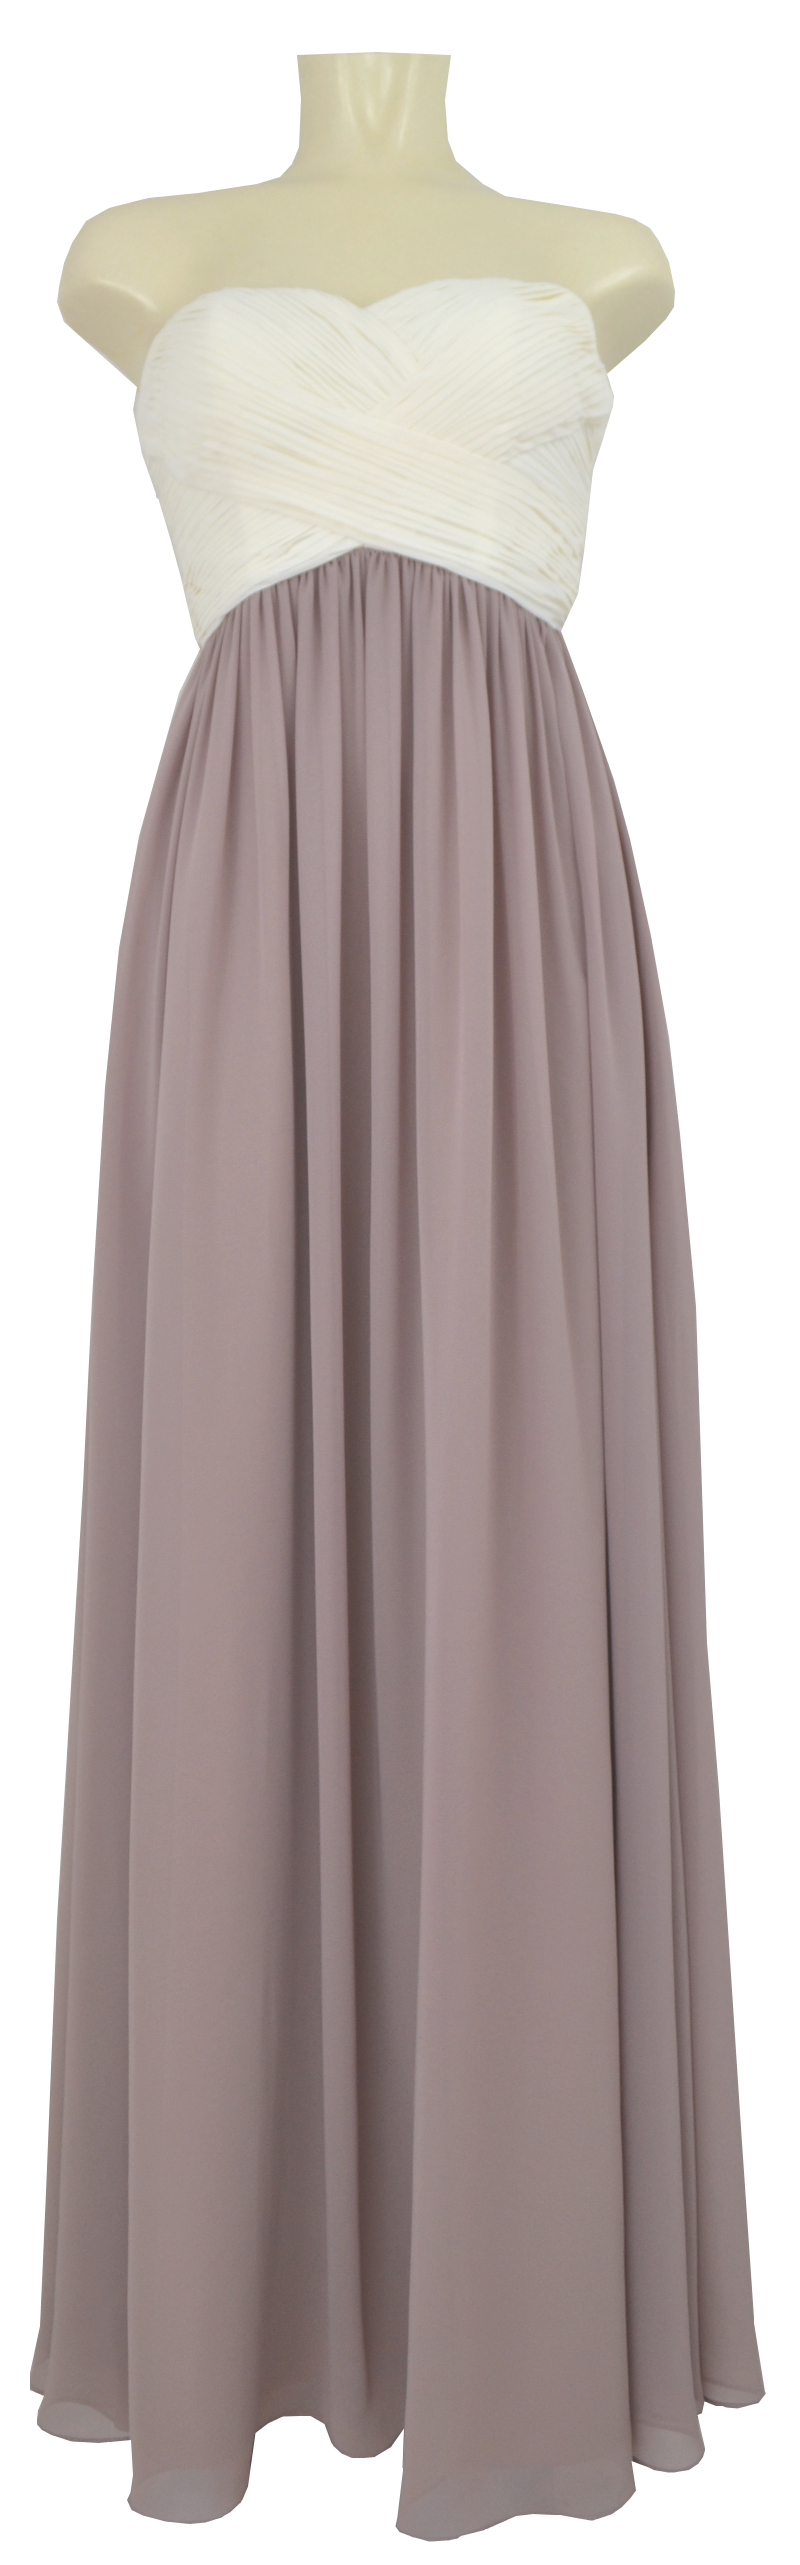 Langes Kleid Der Marke Laona Aus Chiffon In New White Taupe Mode Dasenbrock